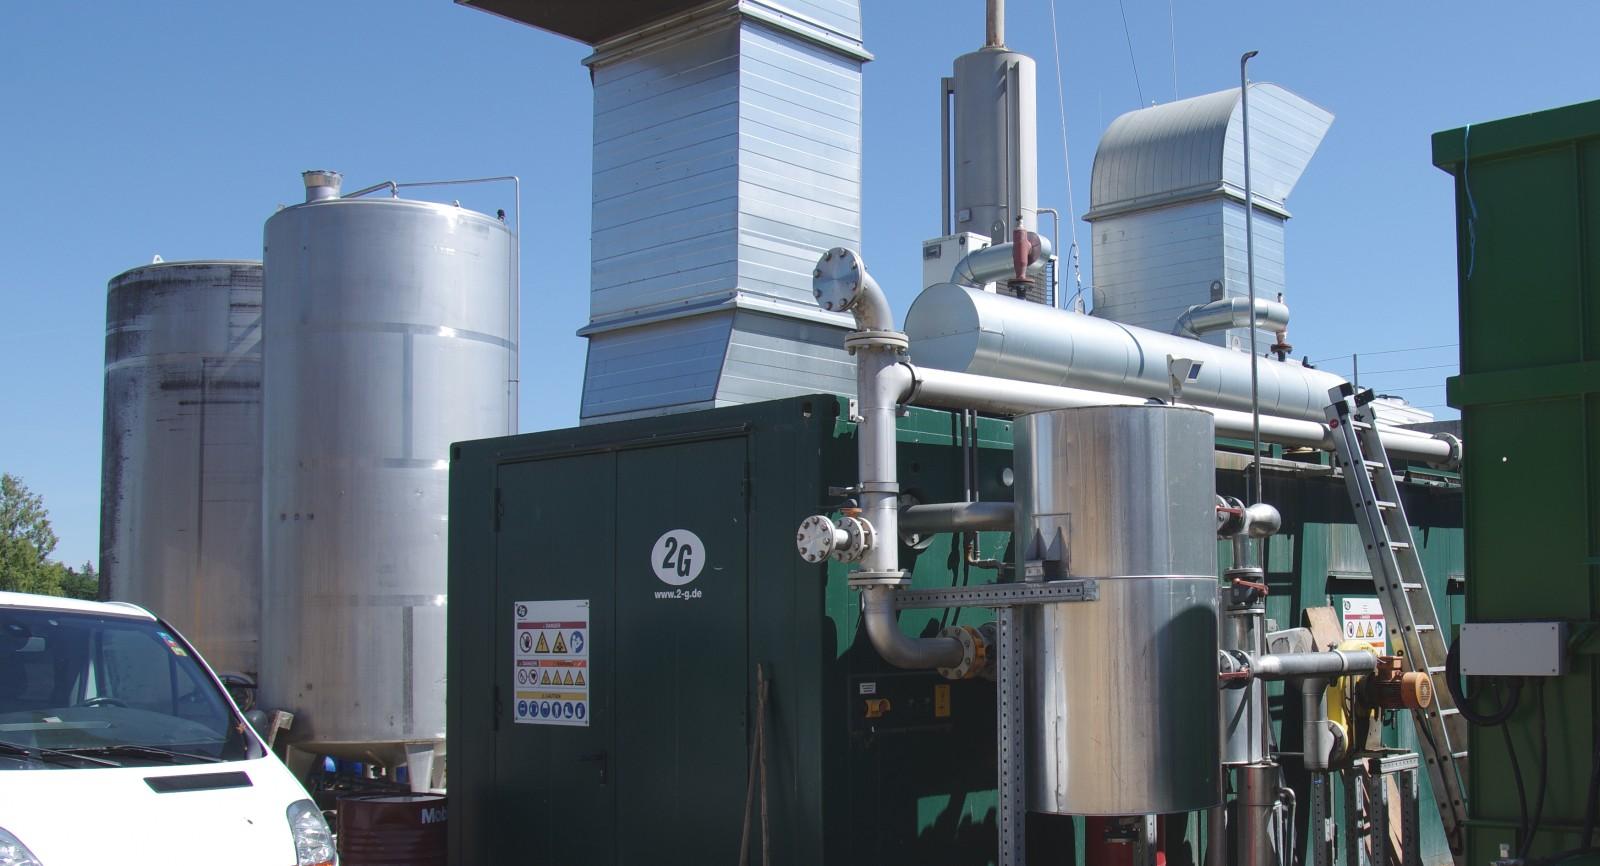 Das seit 2012 in Betrieb stehende Blockheizkraftwerk hat überzeugt, so dass der Ausbau mit demselben Modell realisiert wurde.